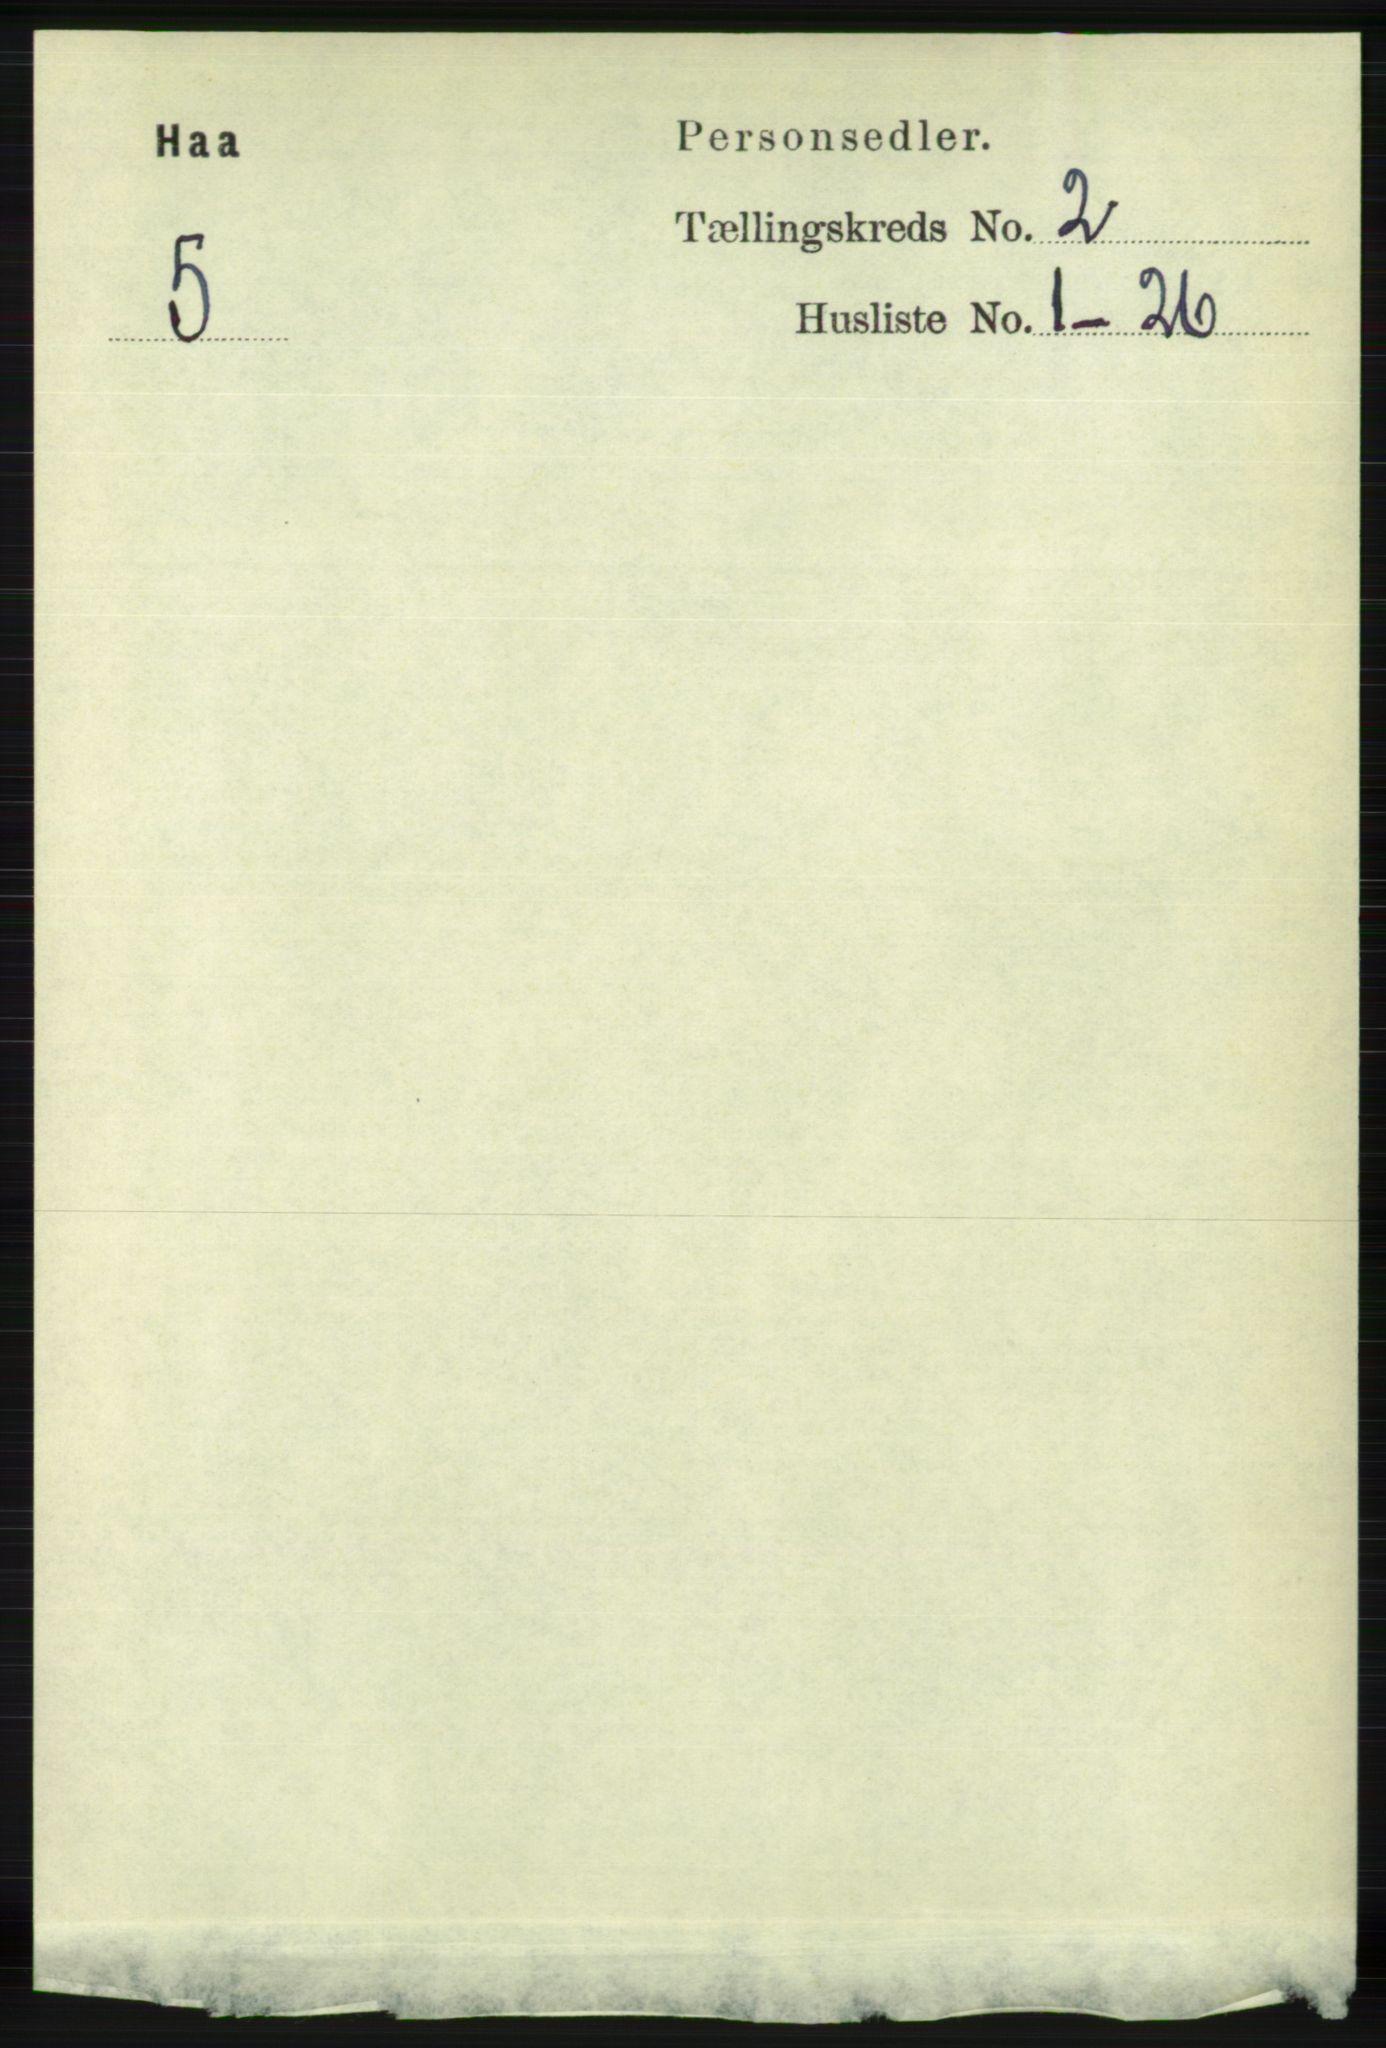 RA, Folketelling 1891 for 1119 Hå herred, 1891, s. 372